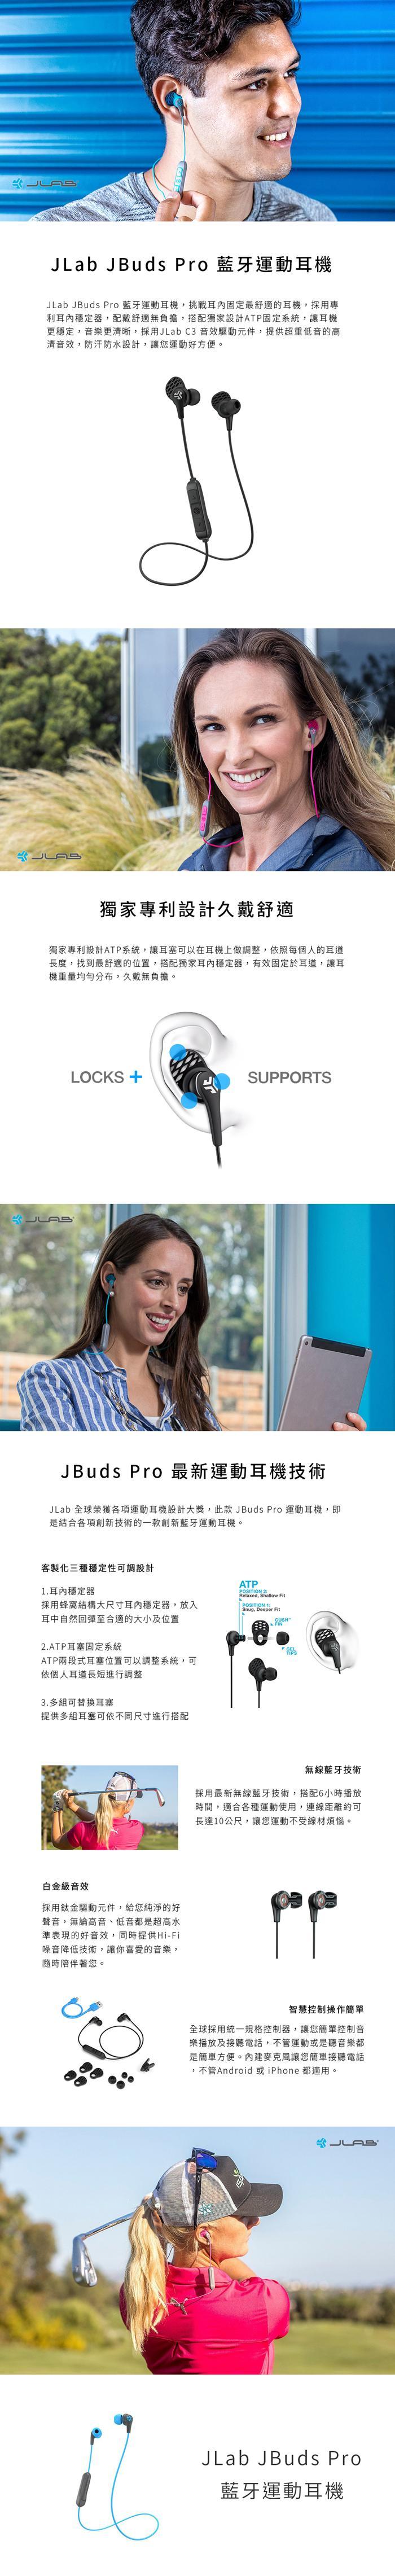 JLab|JBuds Pro 藍牙運動耳機